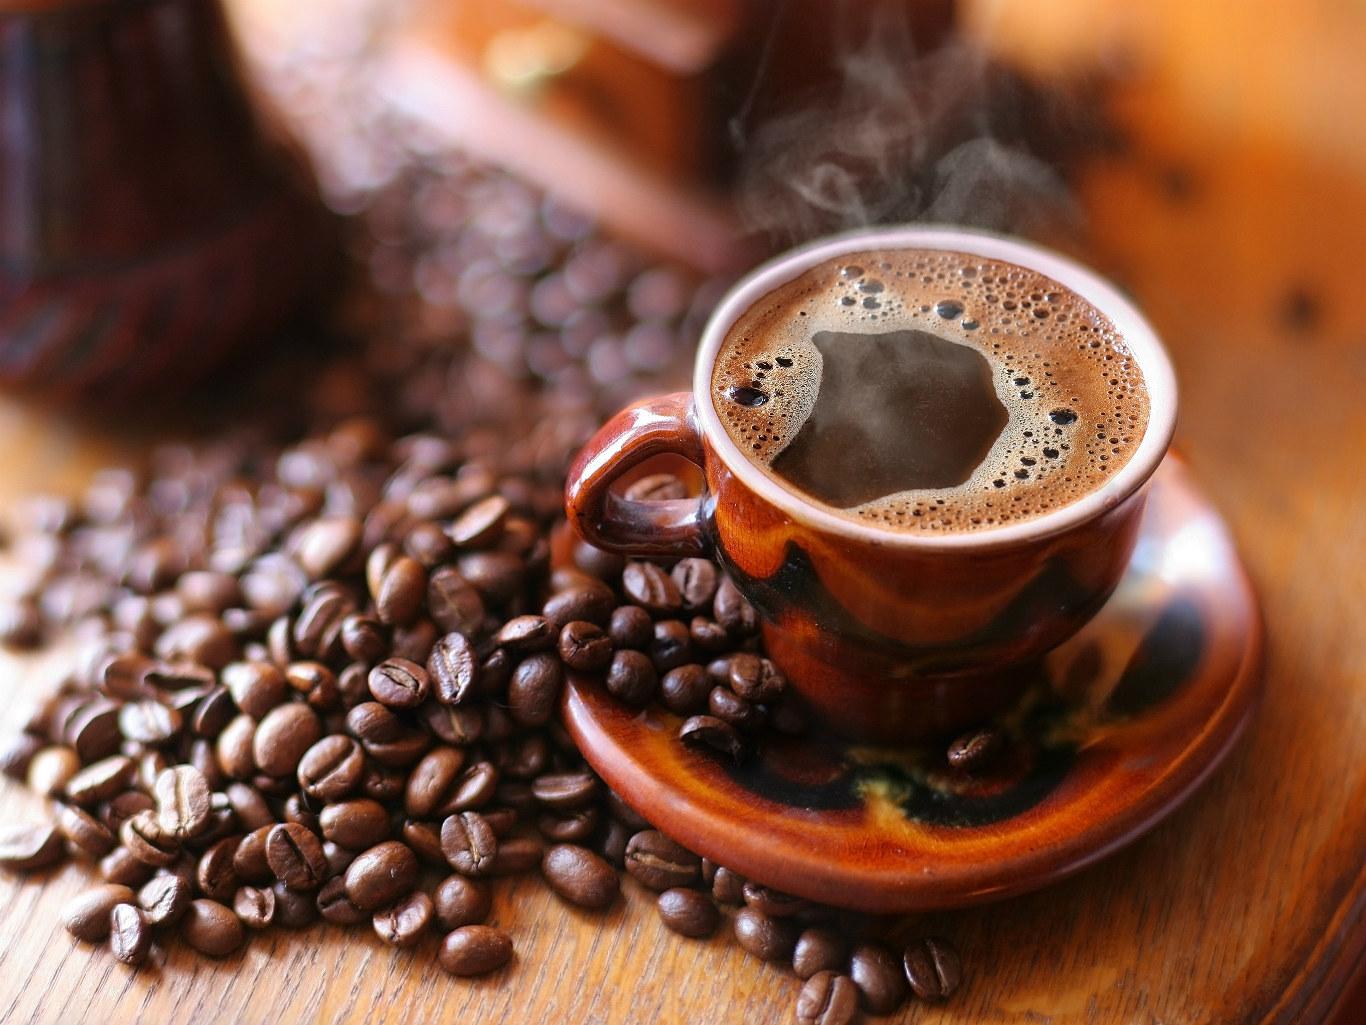 Польза кофе. Чем полезен кофе?